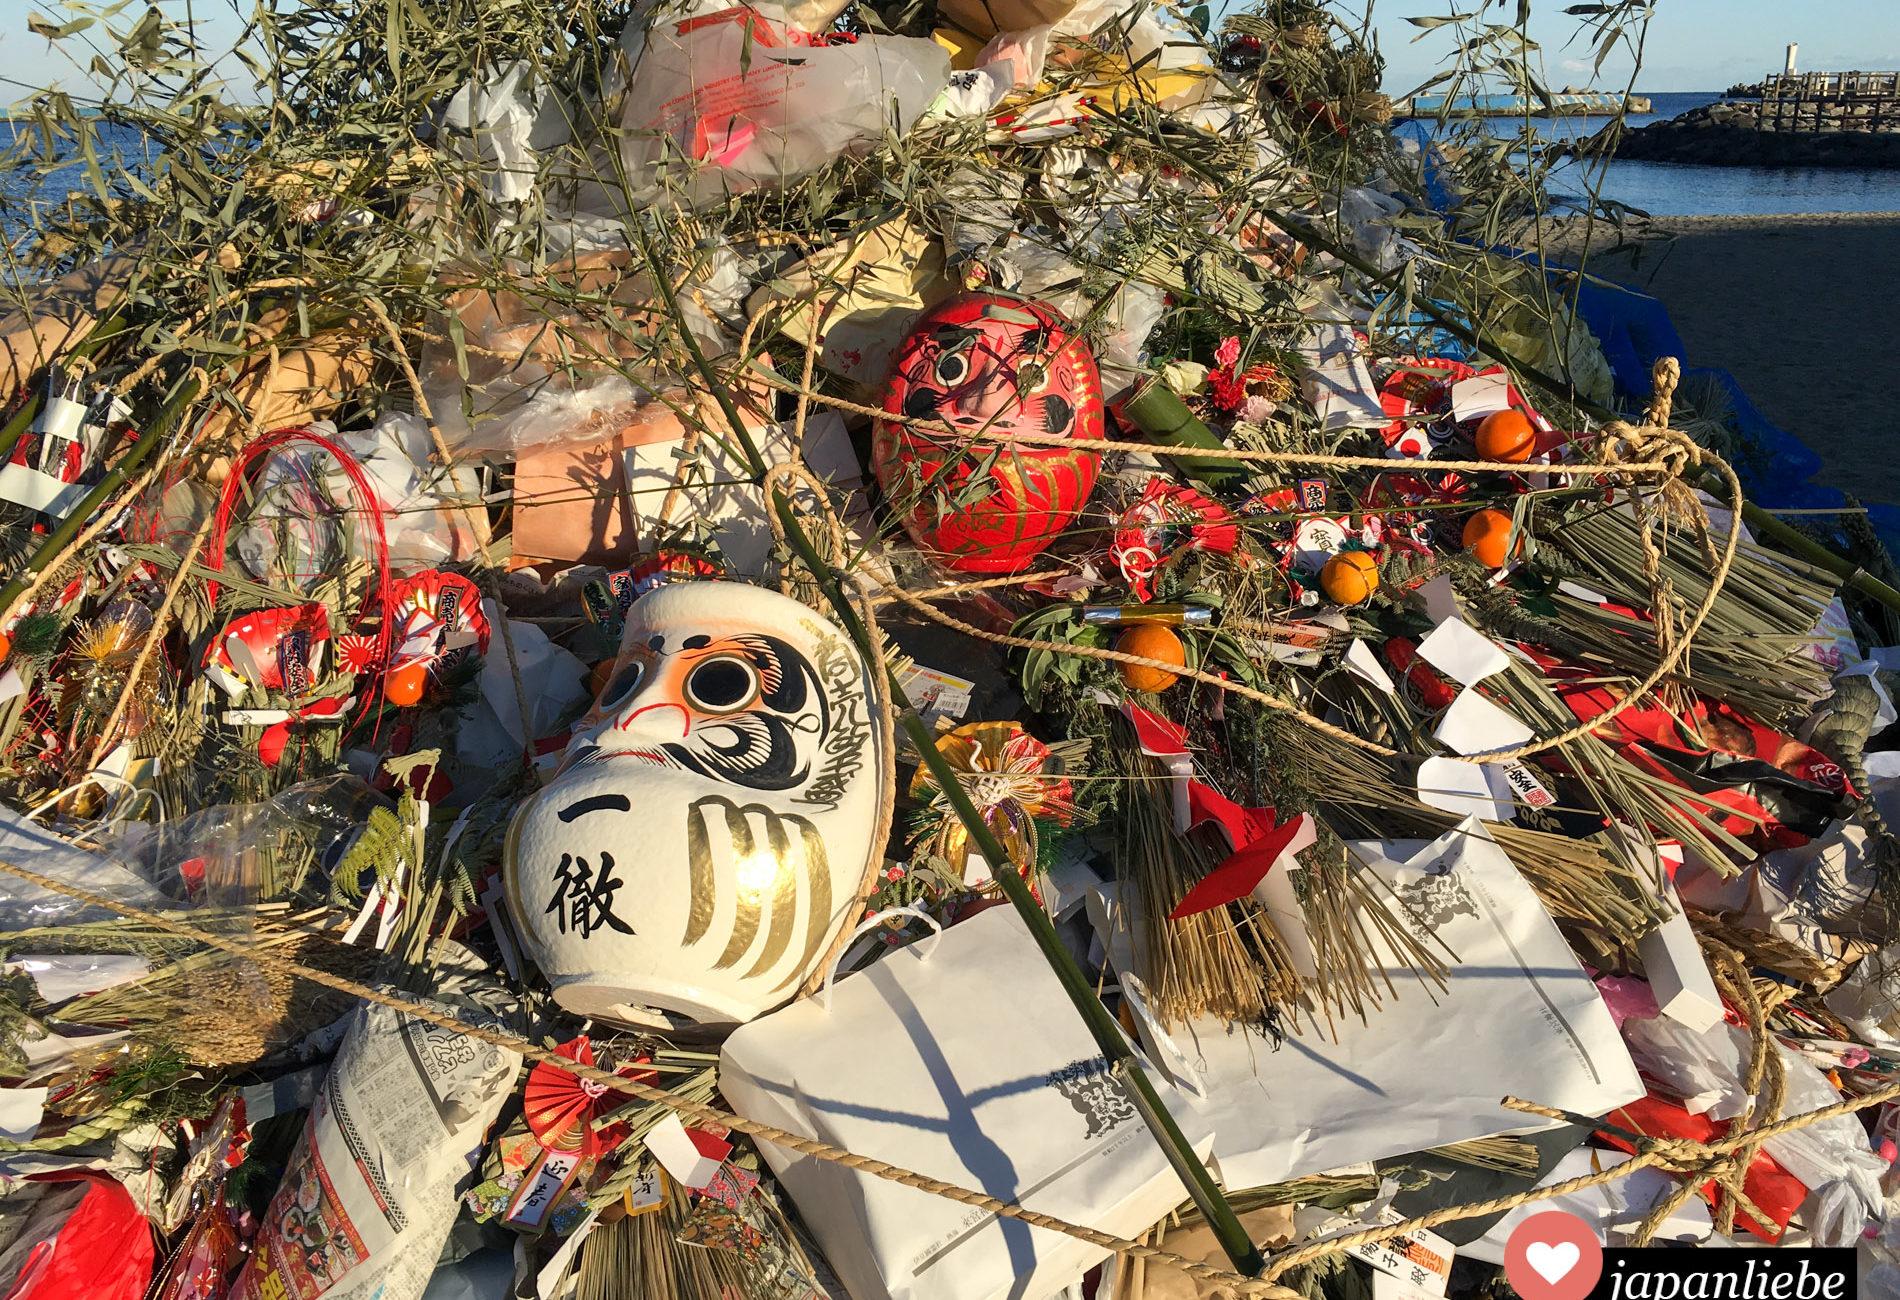 Spätestens nach einem Jahr verlieren japanische o-mamori Talismane ihre Wirkung. Die meisten werden an Neujahr an Schrein oder Tempel zurück gebracht und verbrannt.